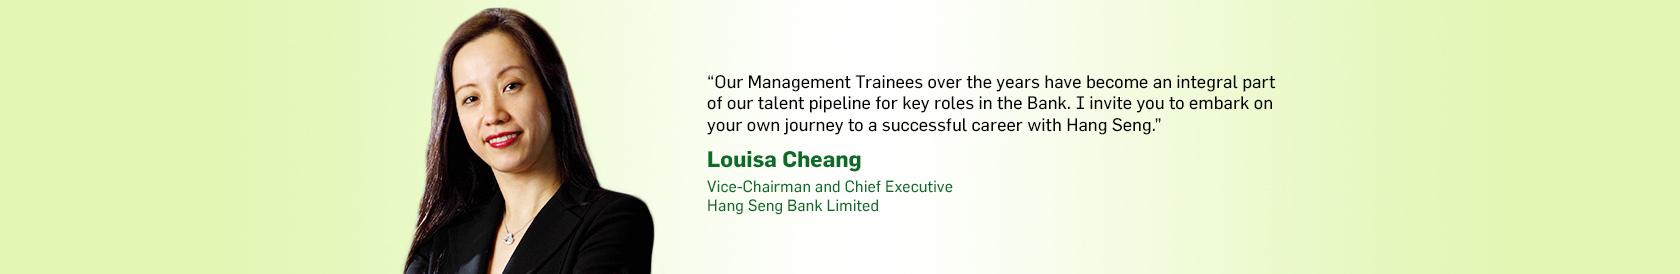 Management Trainee Programme - Hang Seng Bank